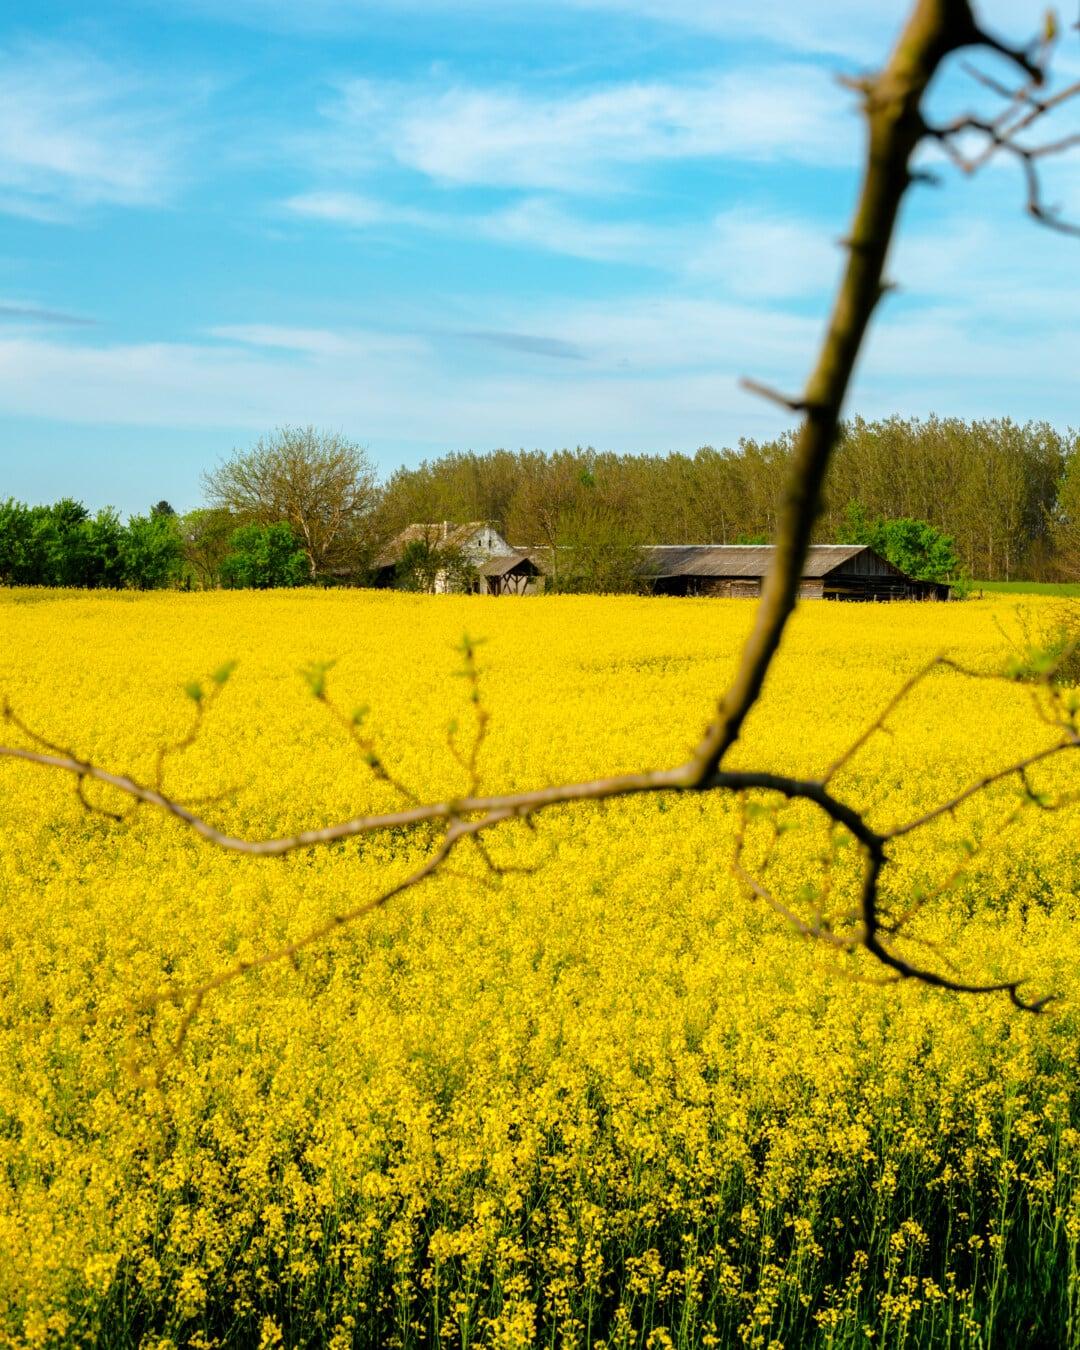 farmhouse, shed, farmland, farm, old, rapeseed, landscape, nature, field, agriculture